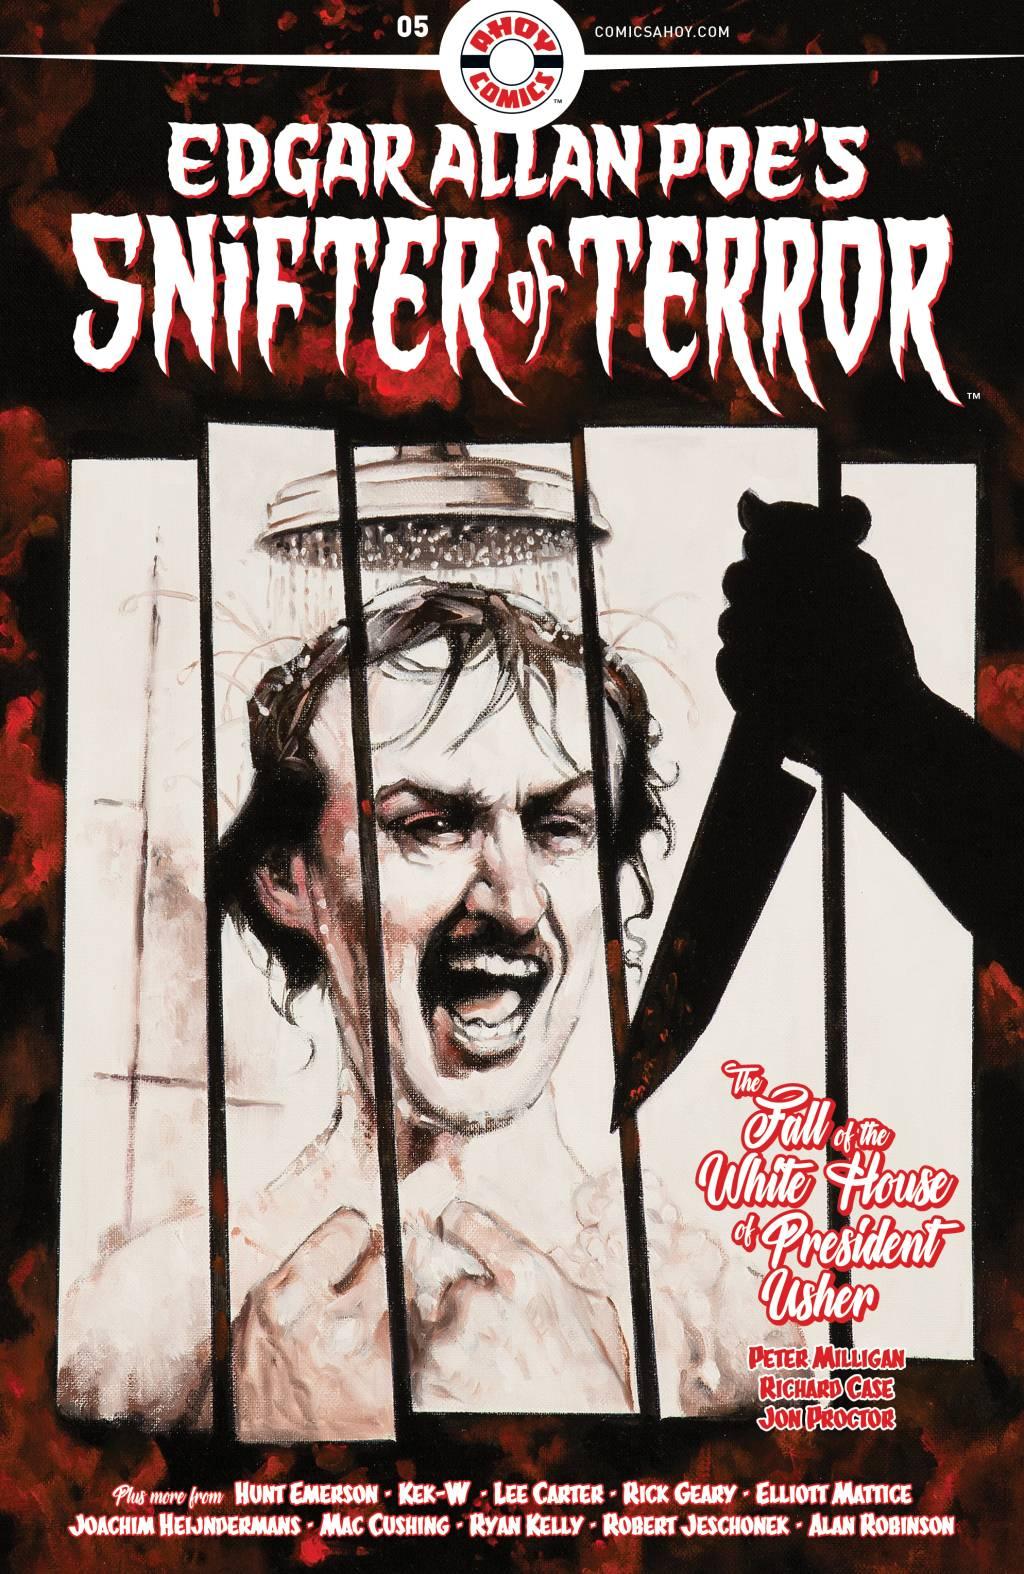 Про Эдгара Аллана По рисуют очень странные комиксы из серии Snifter Of Terror. Вот их обложки 4